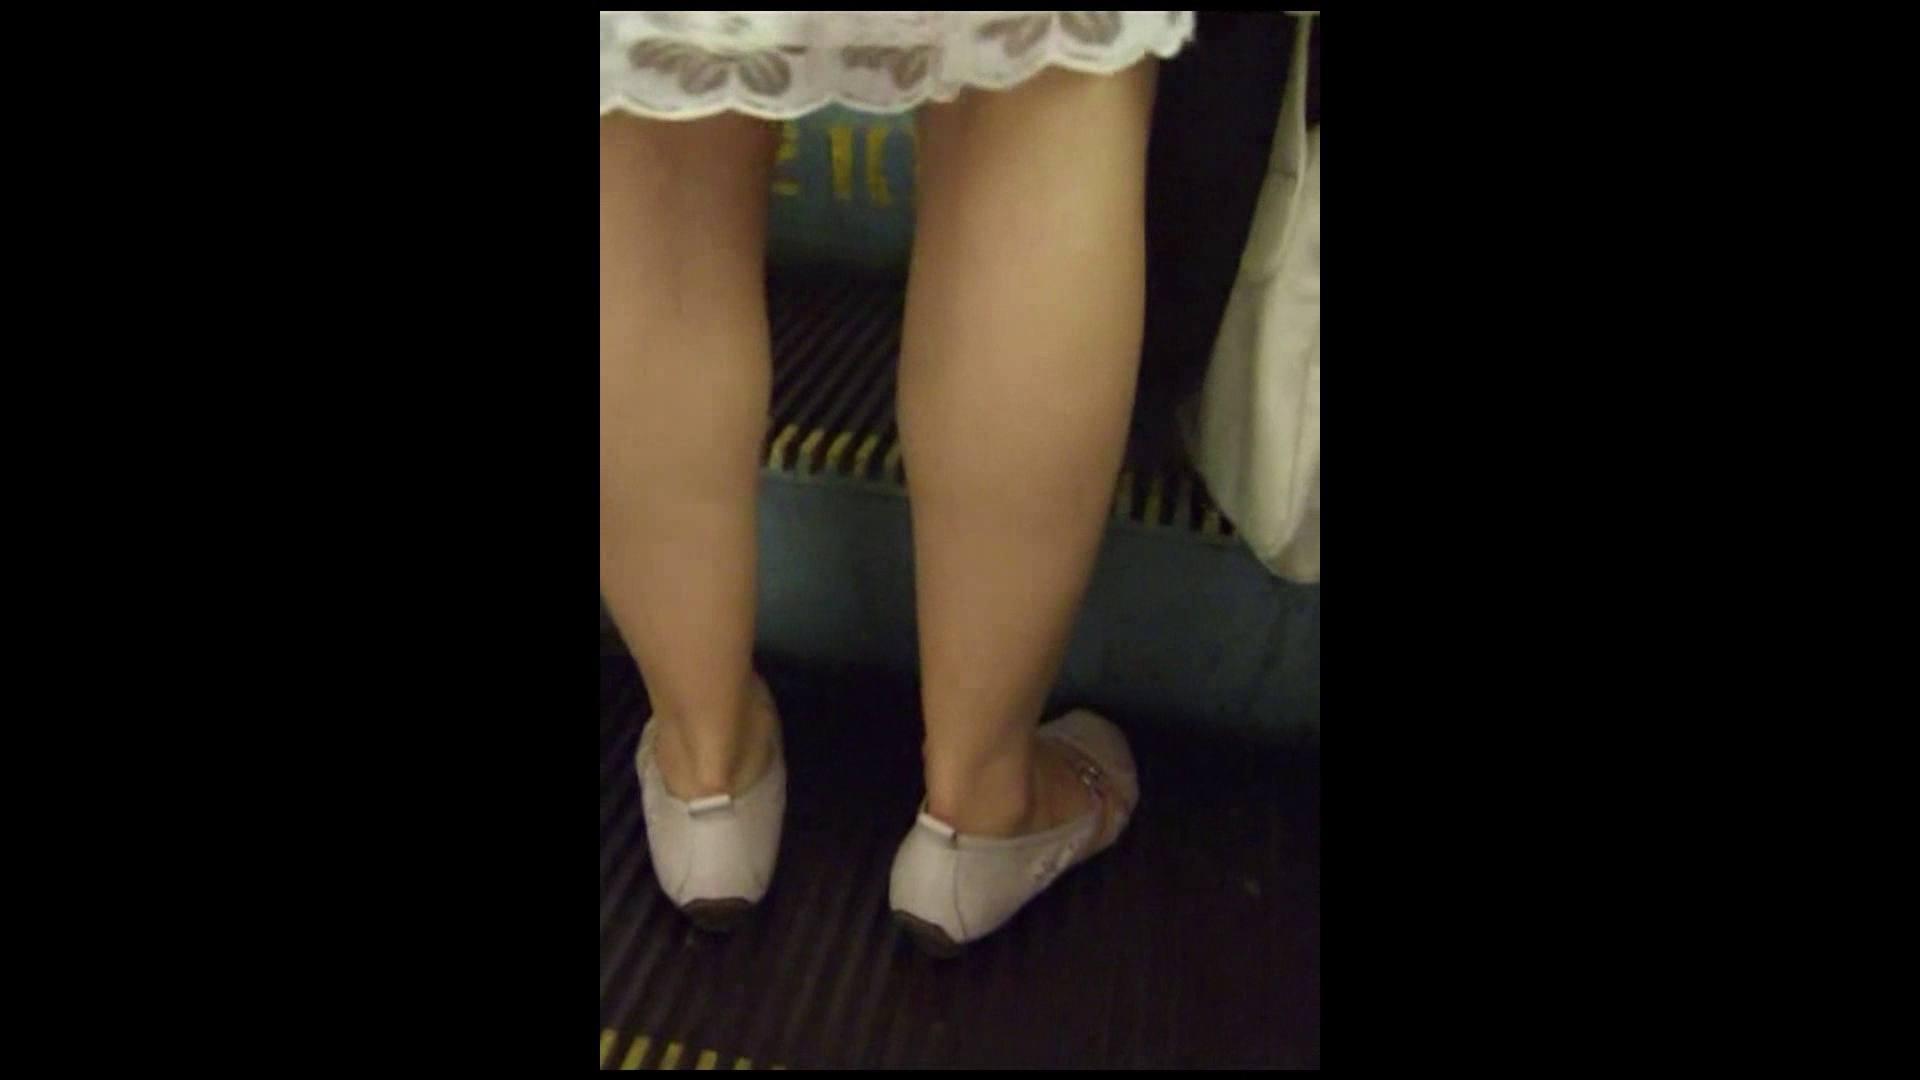 綺麗なモデルさんのスカート捲っちゃおう‼vol02 HなOL   モデルヌード  93pic 87